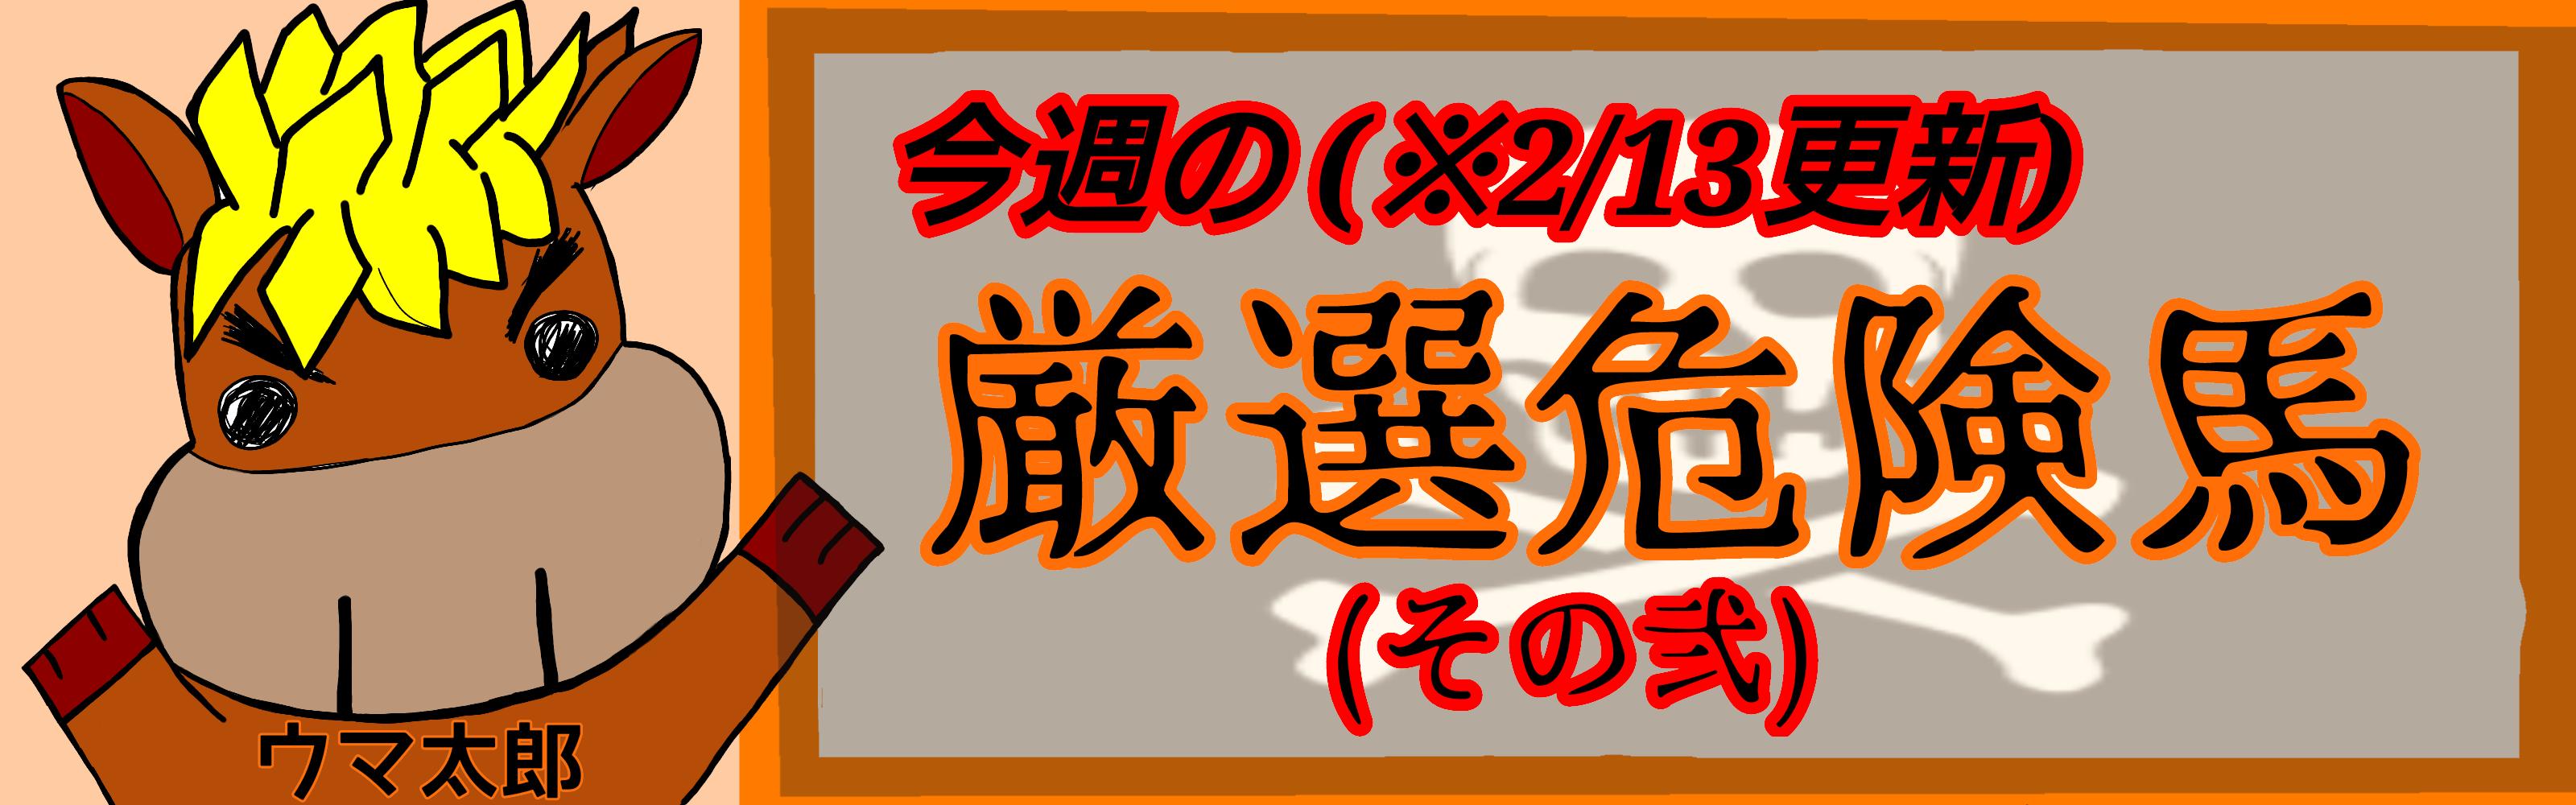 ※2/13更新 今週の厳選危険馬(その弐)